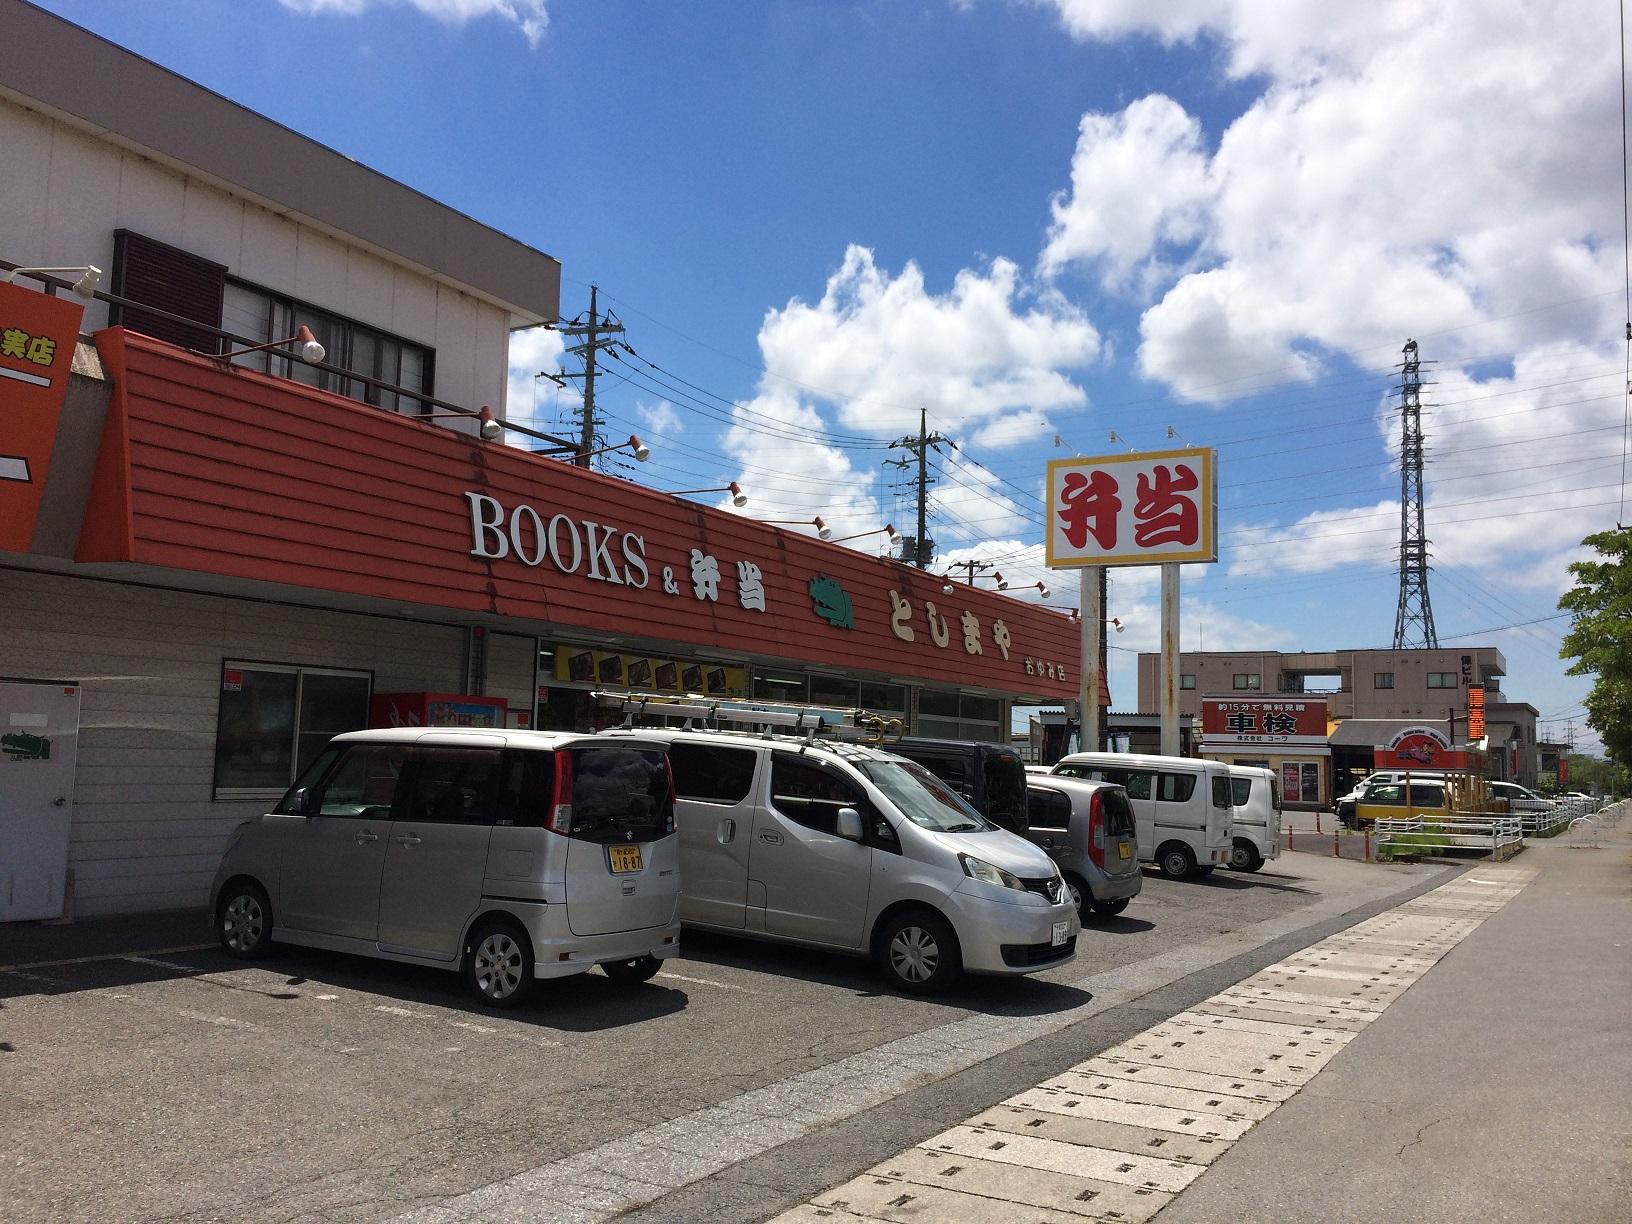 としまや弁当おゆみ店(千葉市/お弁当屋)